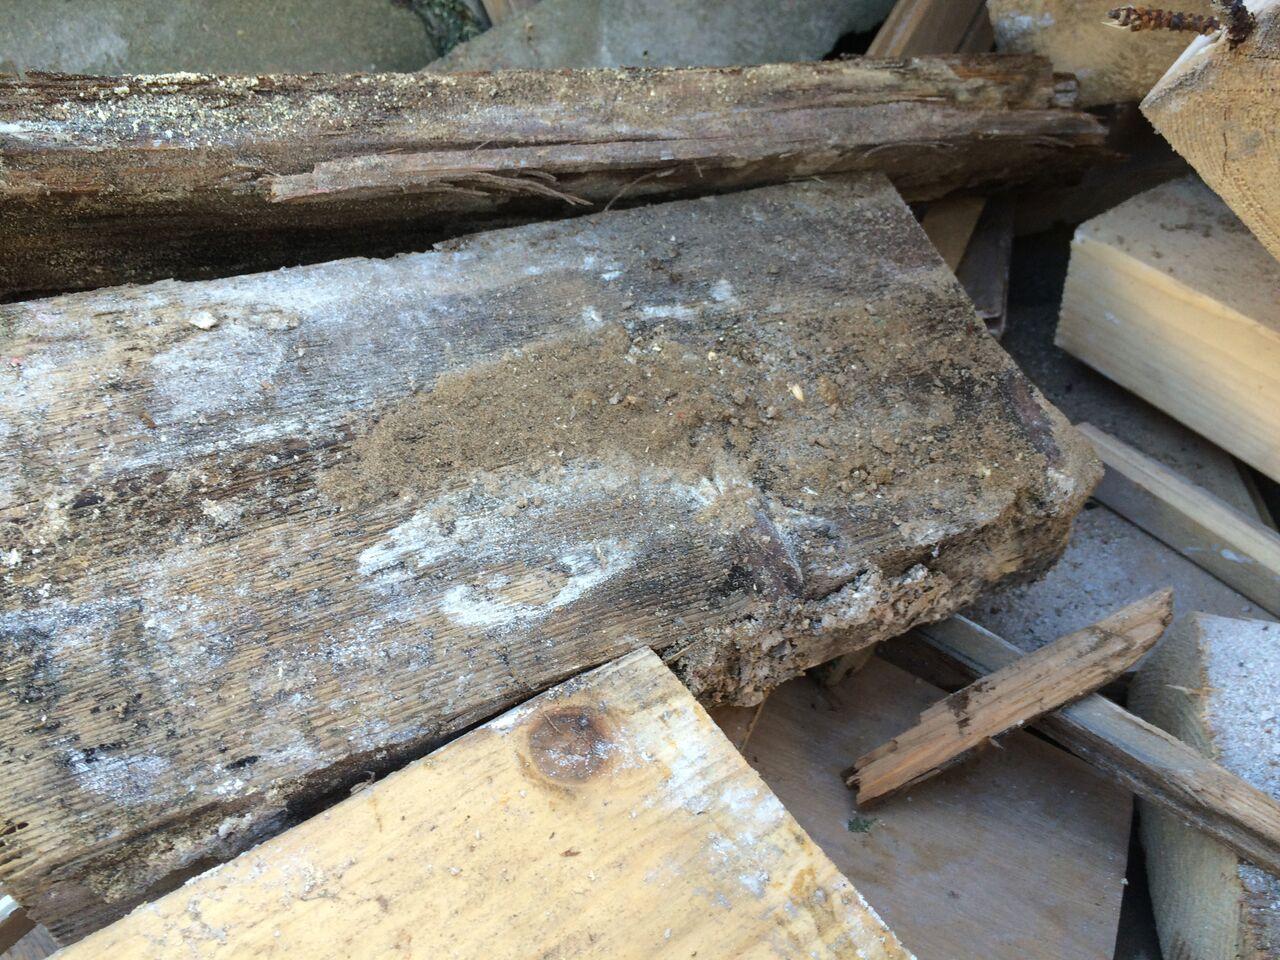 pr architectenburo - aantasting houten vloer 19e eeuws monument Bos en Vaart